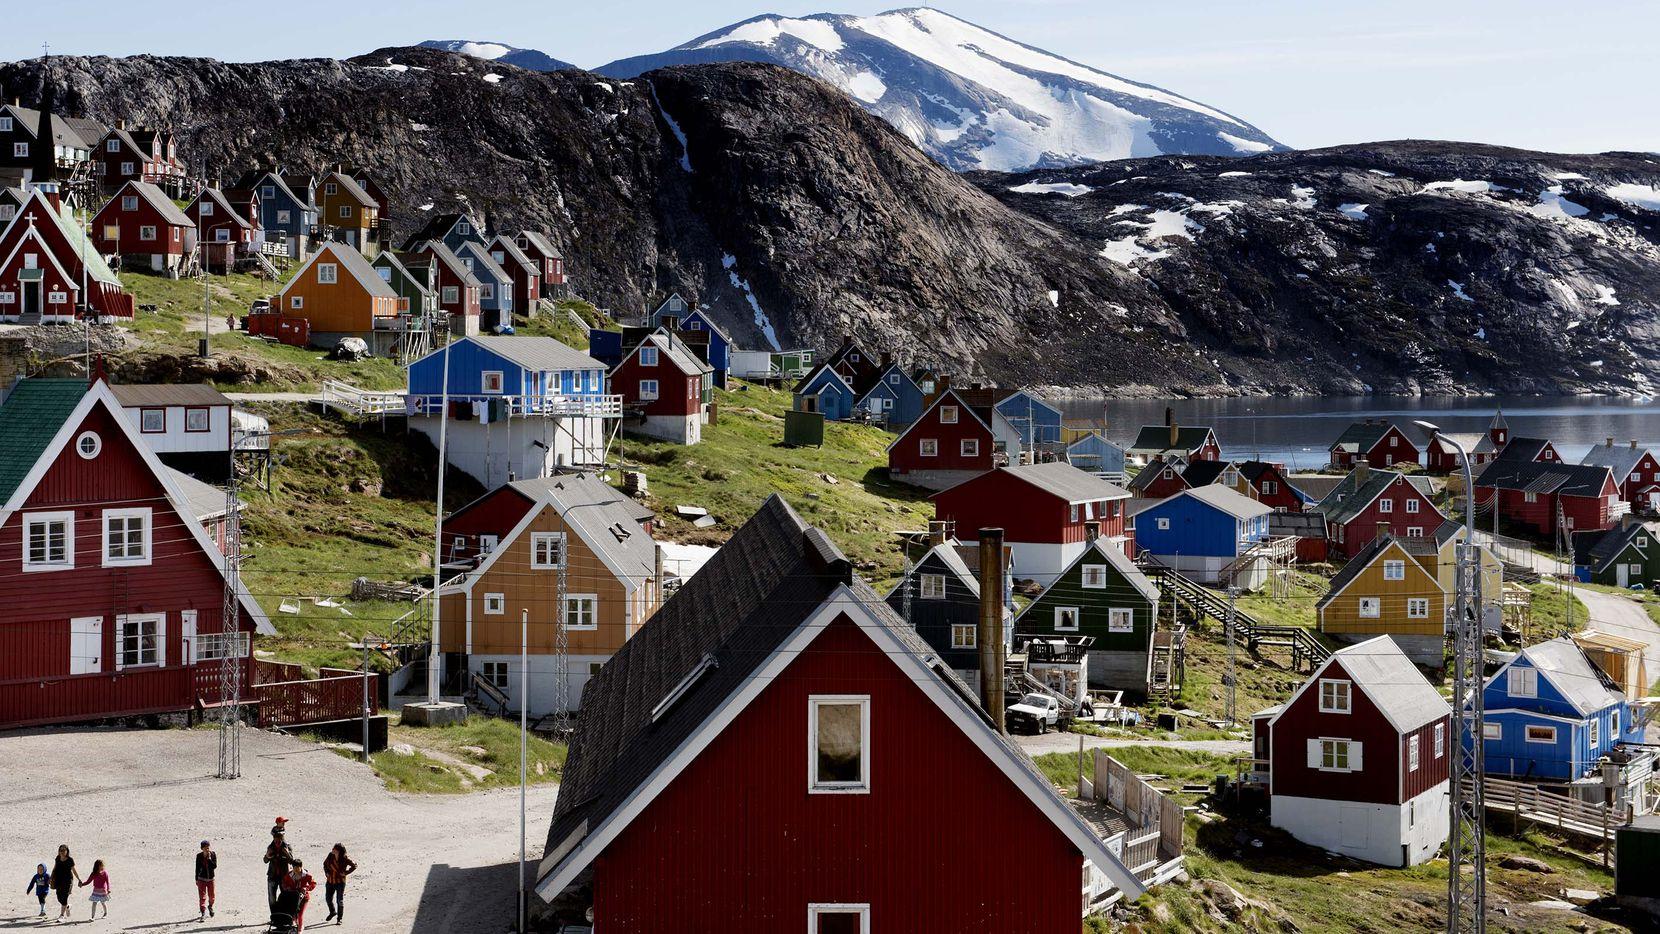 El pueblo de Upernavik en la parte oeste de Groenlandia.